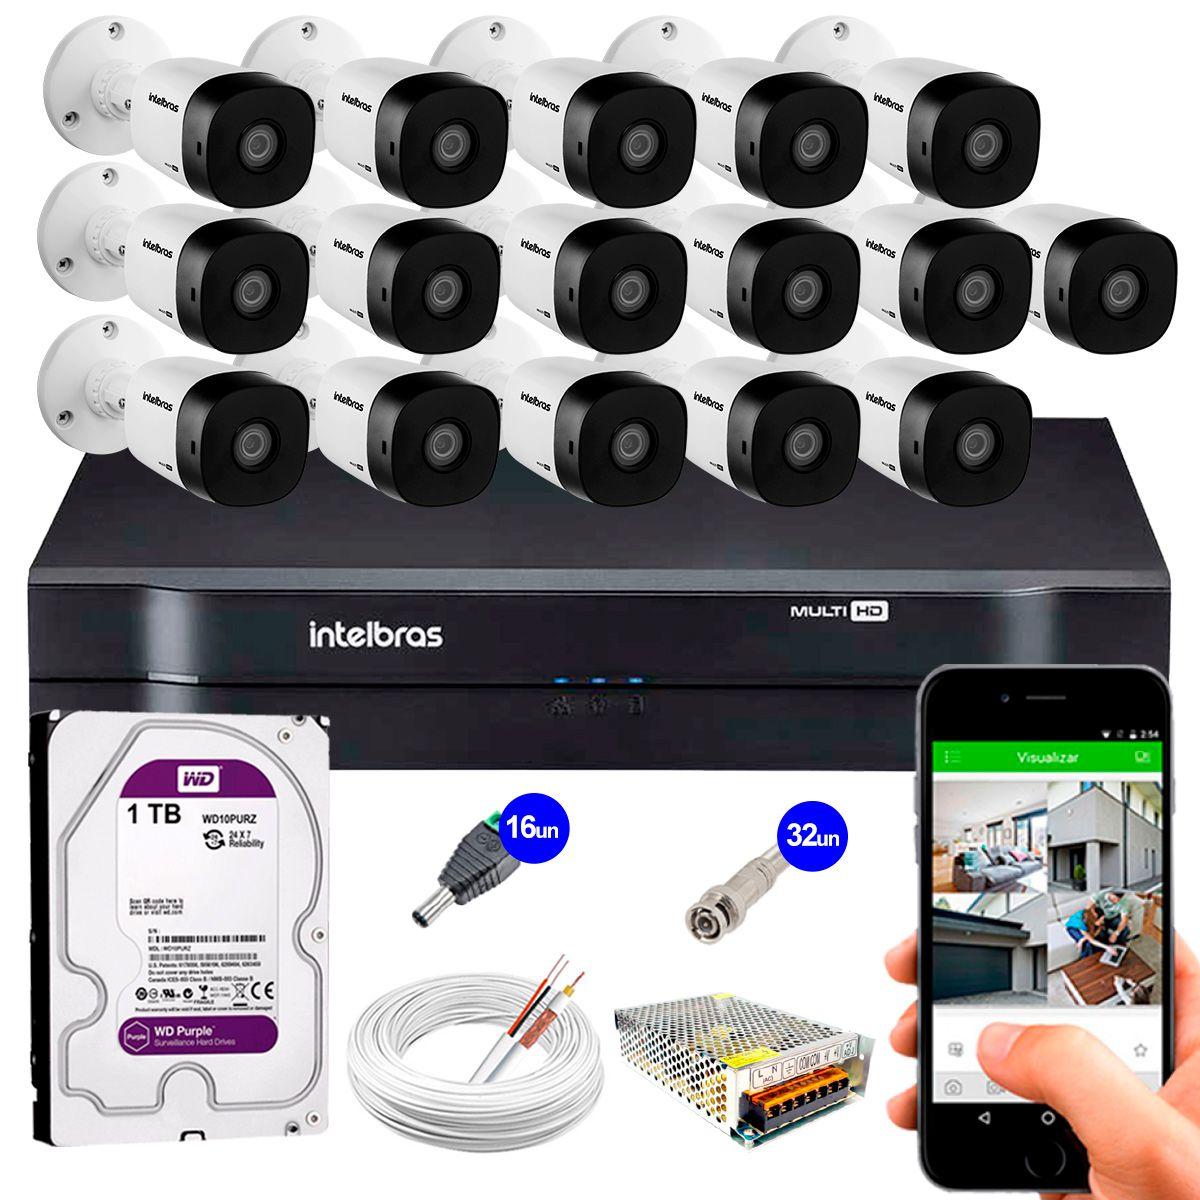 Kit 16 Câmeras VHD 3120 B G5 + DVR Intelbras + HD 1TB + App Grátis de Monitoramento, HD 720p 20m Infravermelho + Cabos e Acessórios  - Tudo Forte